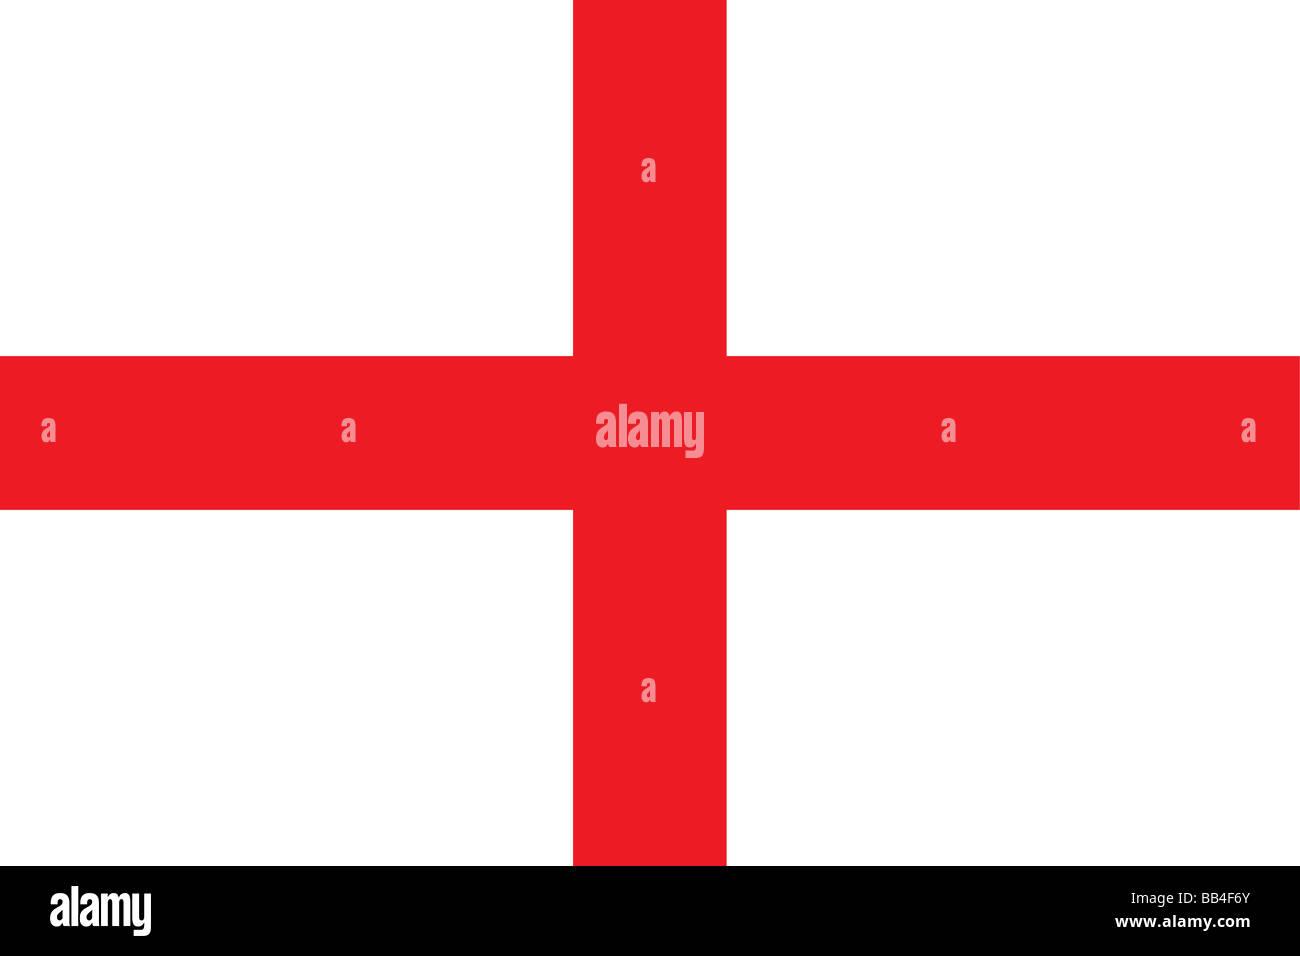 Flagge von England, die vorherrschende konstituierenden Einheit des Vereinigten Königreichs, besetzen mehr als die Hälfte der Insel Großbritannien. Stockfoto